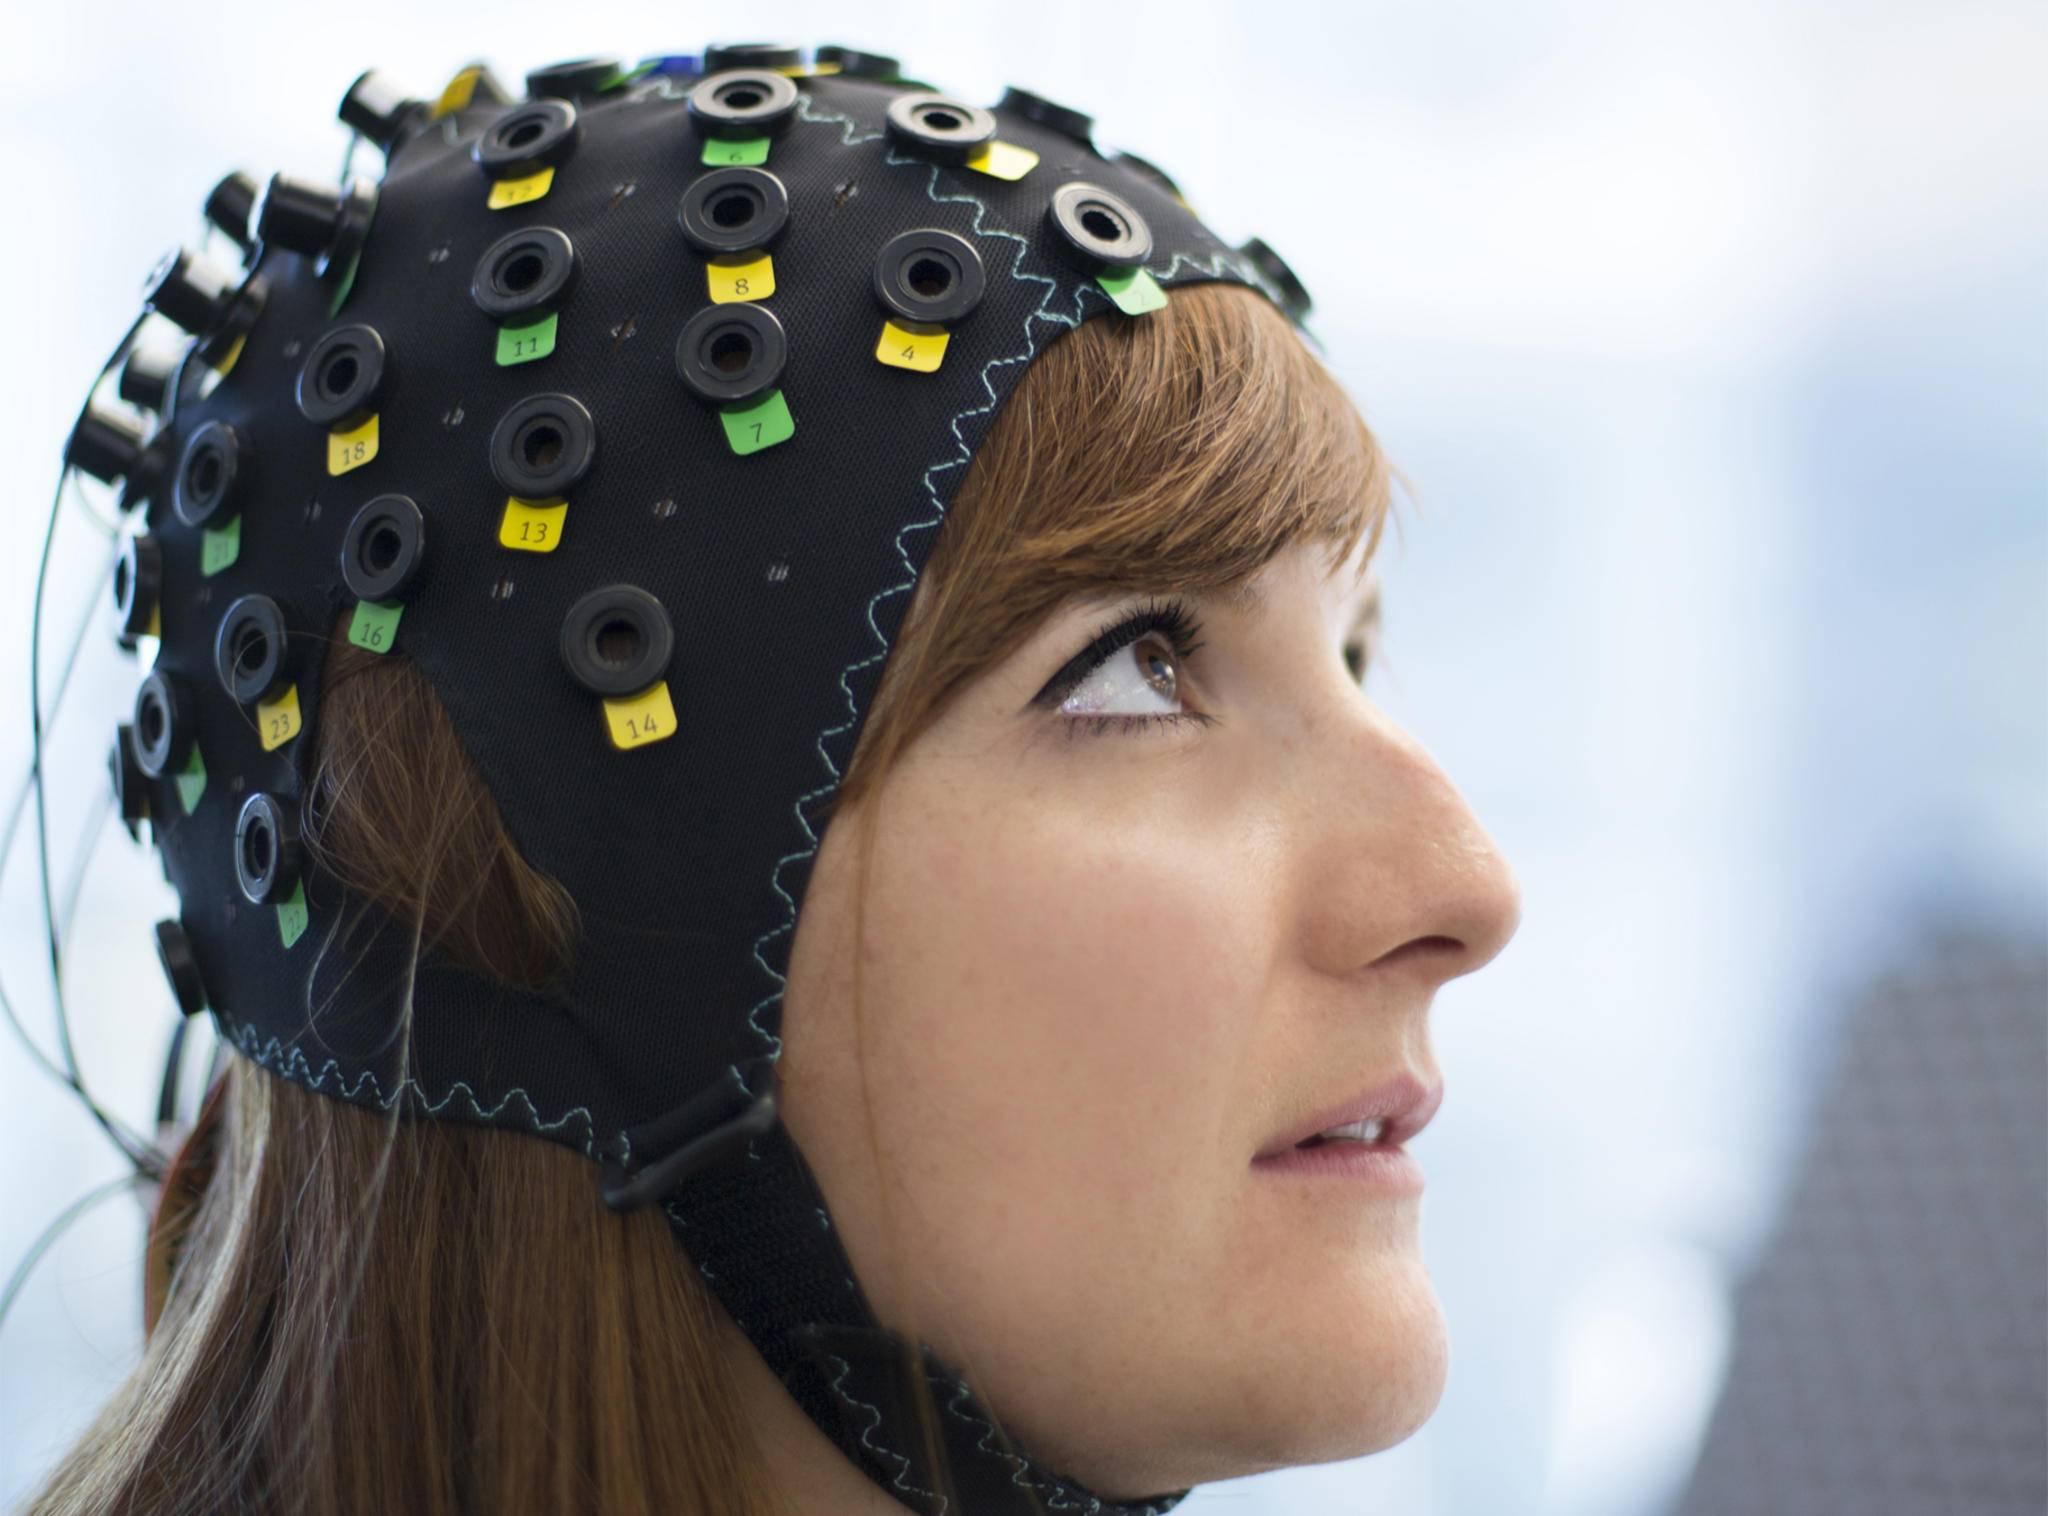 Diese Kappe erfasst Veränderungen des Blutdrucks in den verschiedenen Regionen des Gehirns.